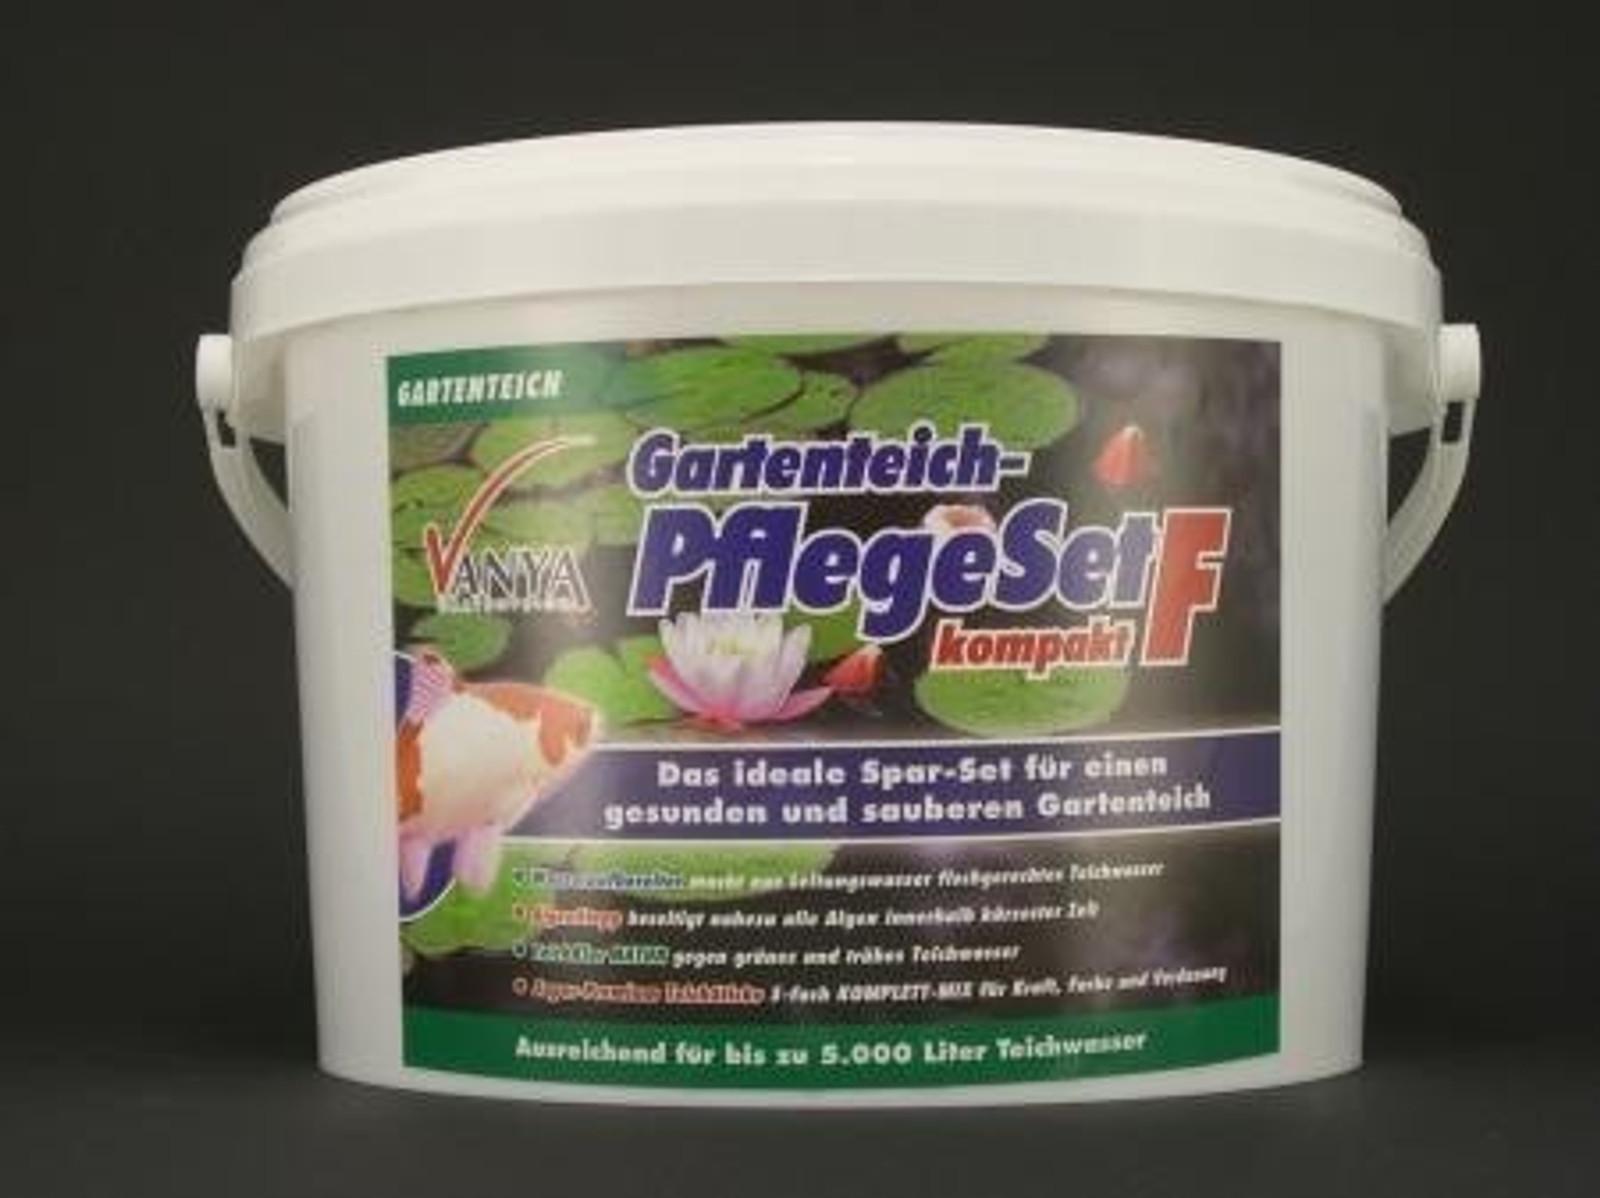 VANYA Gartenteich Pflegeset F Kompakt